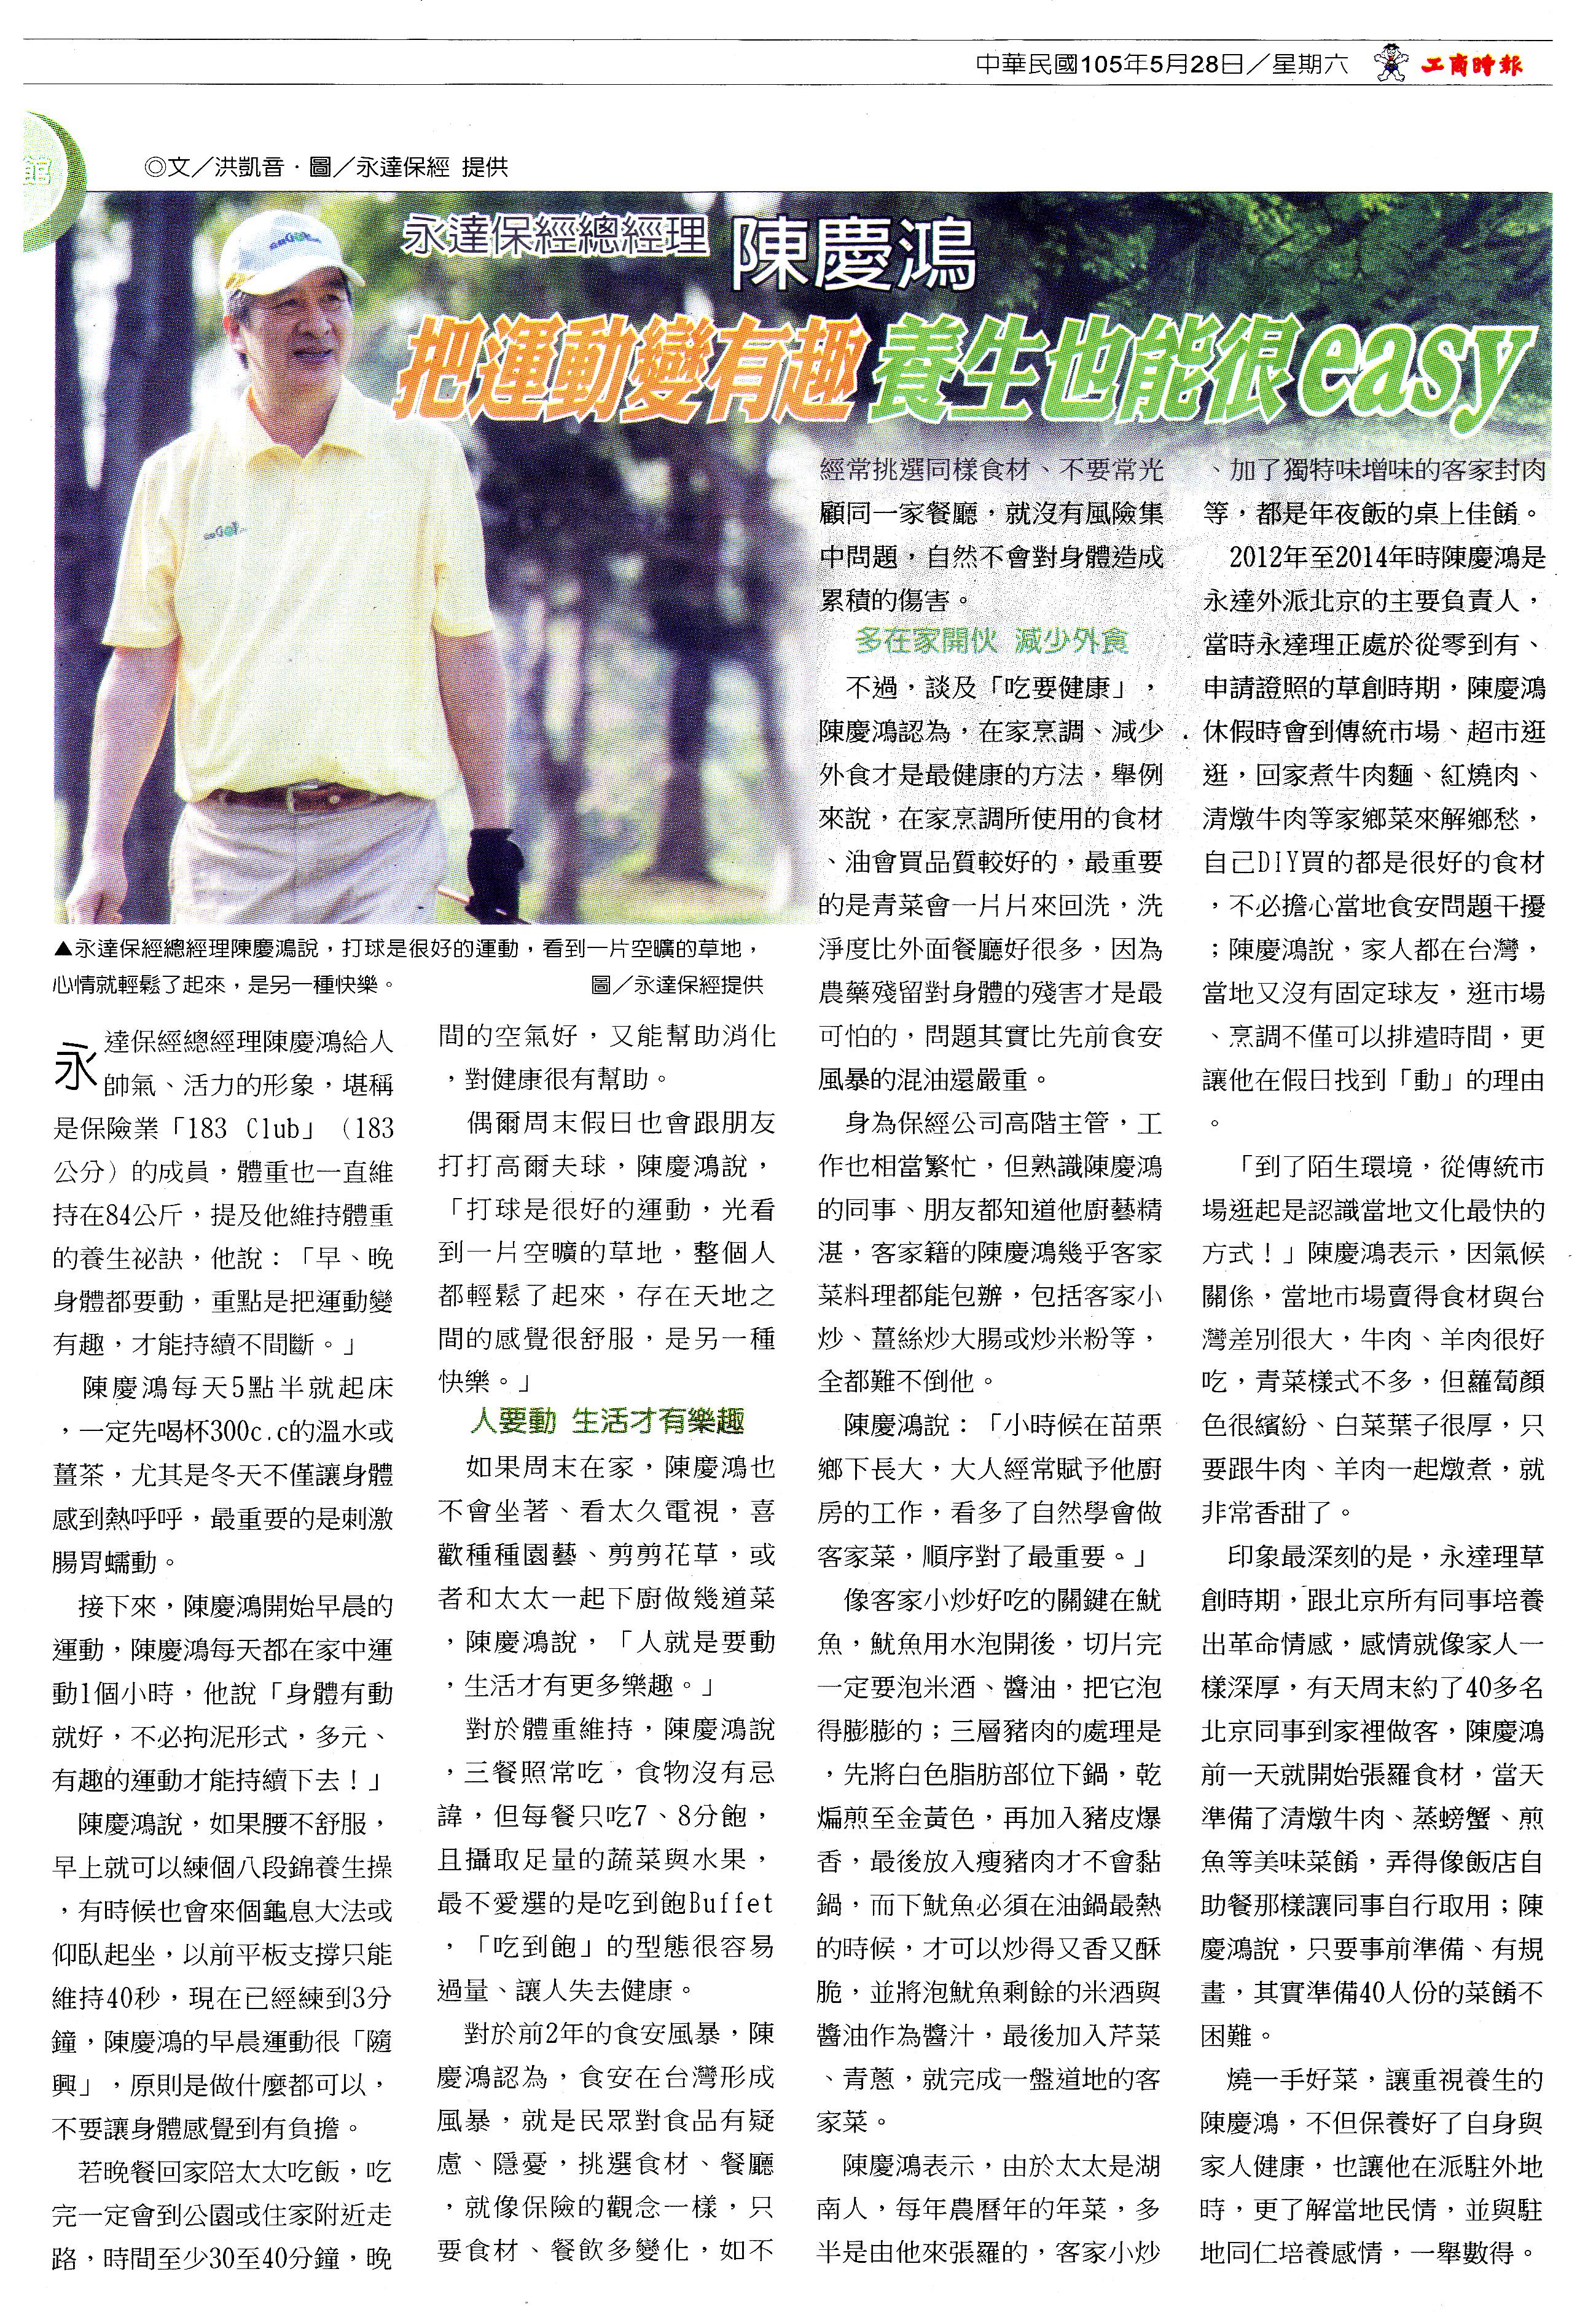 永達保經總經理陳慶鴻 把運動變有趣養生也能很easy報導圖檔